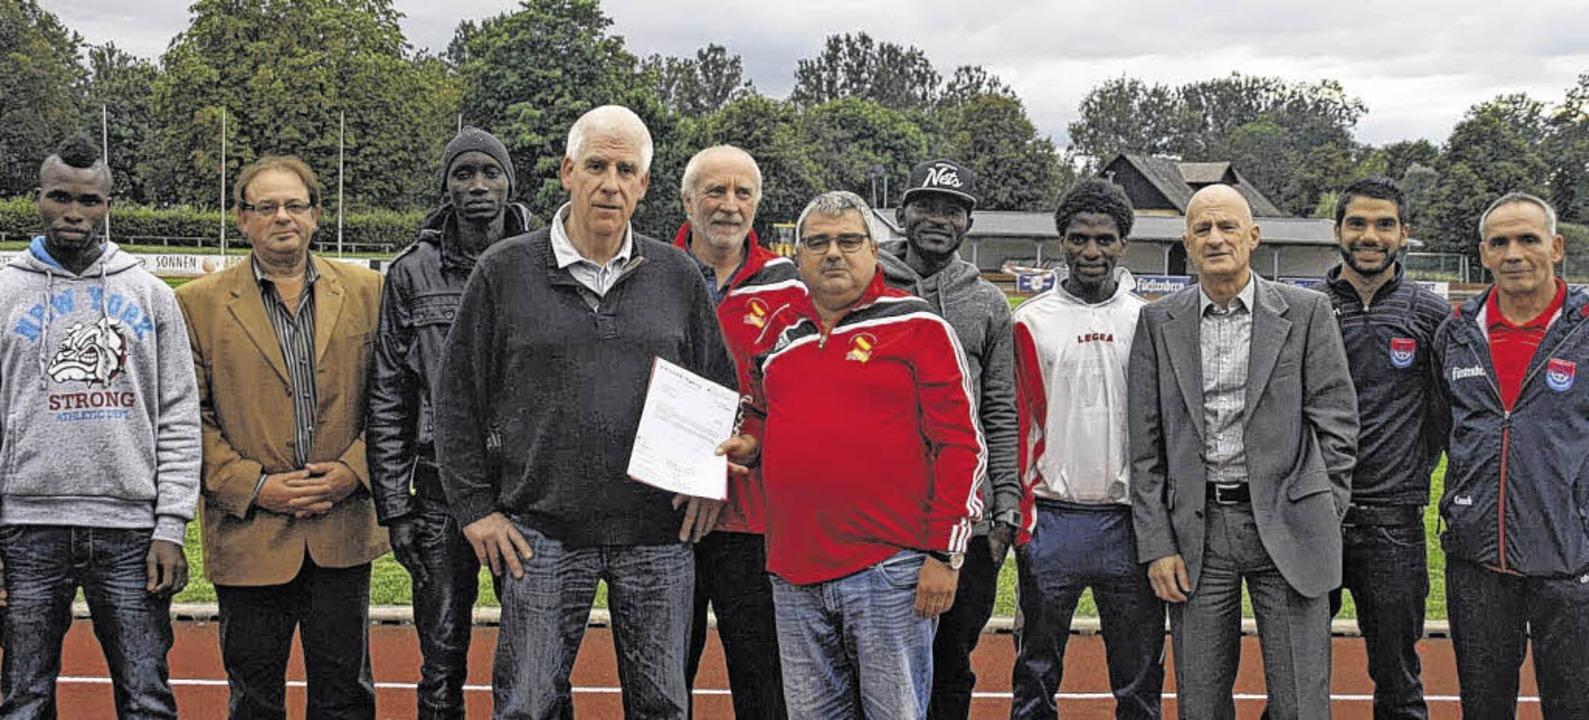 Öffentliche Anerkennung für den FV Don... von rechts) sowie die neuen Spieler.     Foto: Zschäbitz